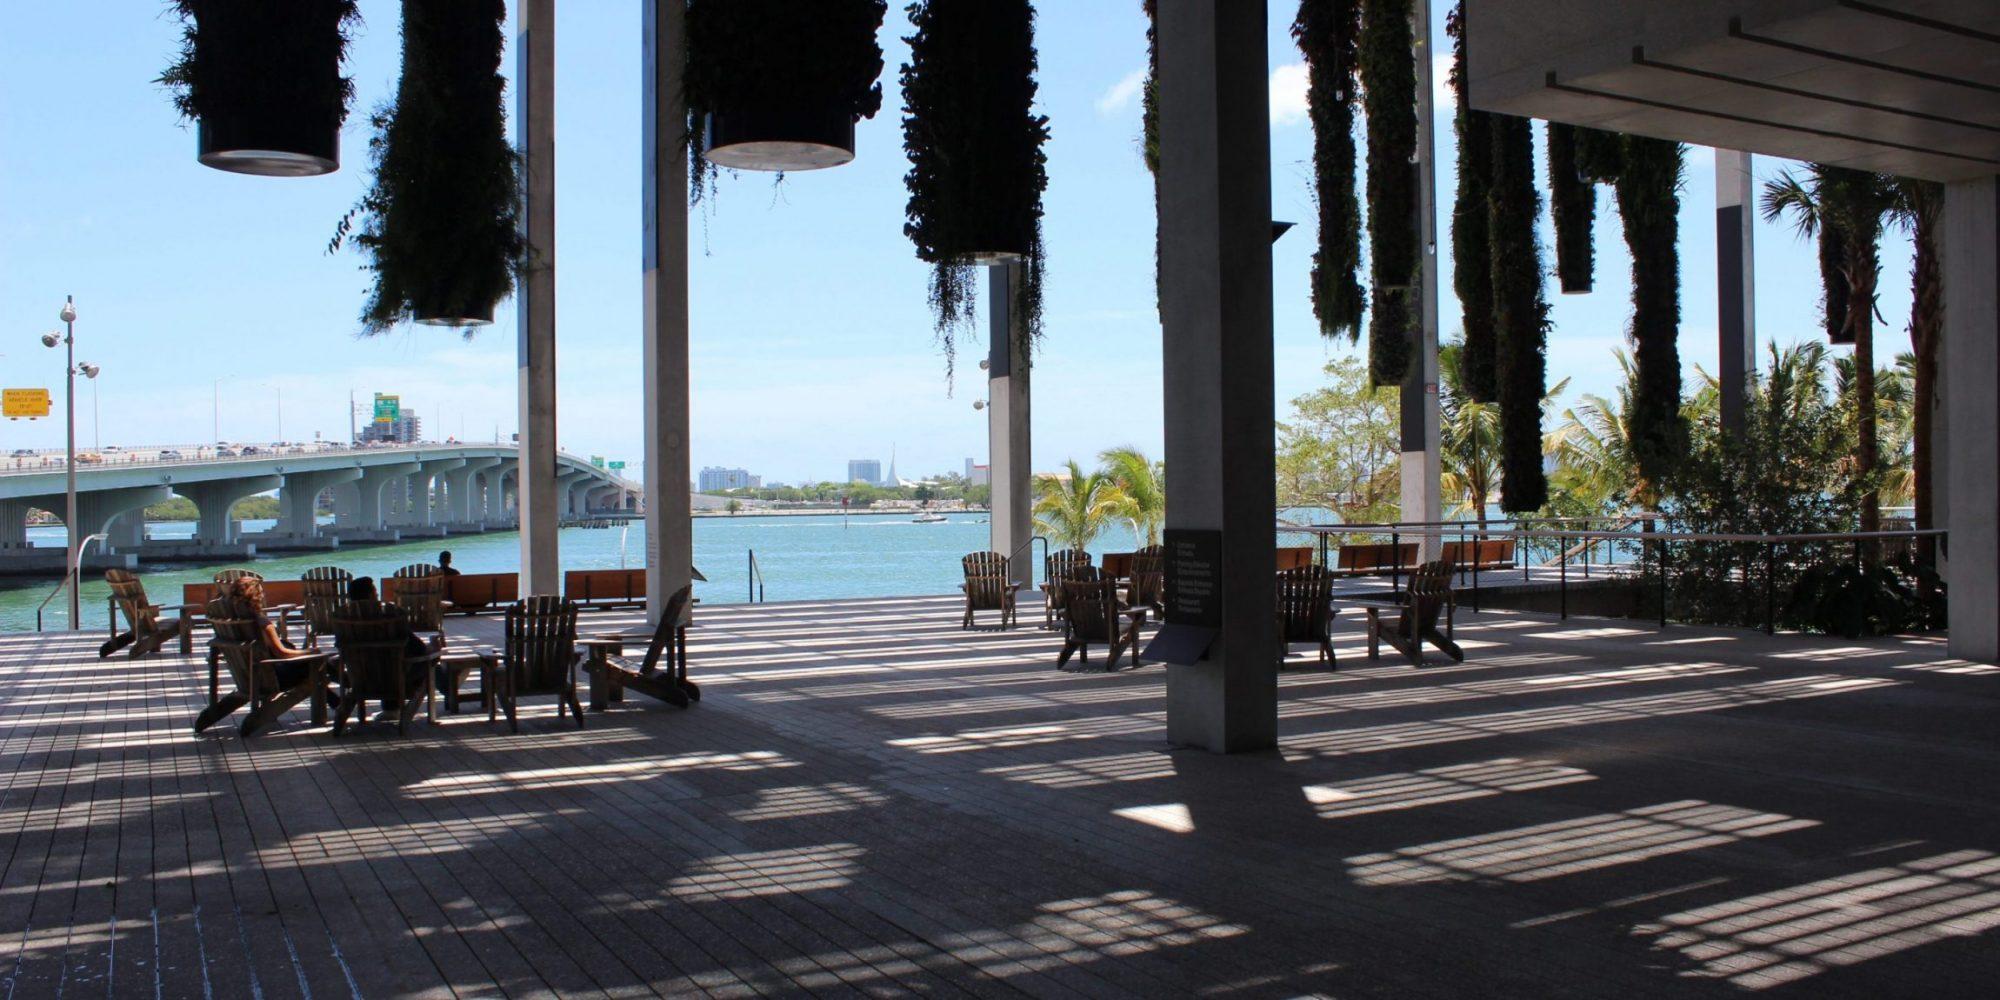 pluie pamm perez art museum miami que faire à Miami quand il pleut activités pur les jours de pluie à Miami pluie en floride météo miami météo floride miami beach blog miami off road